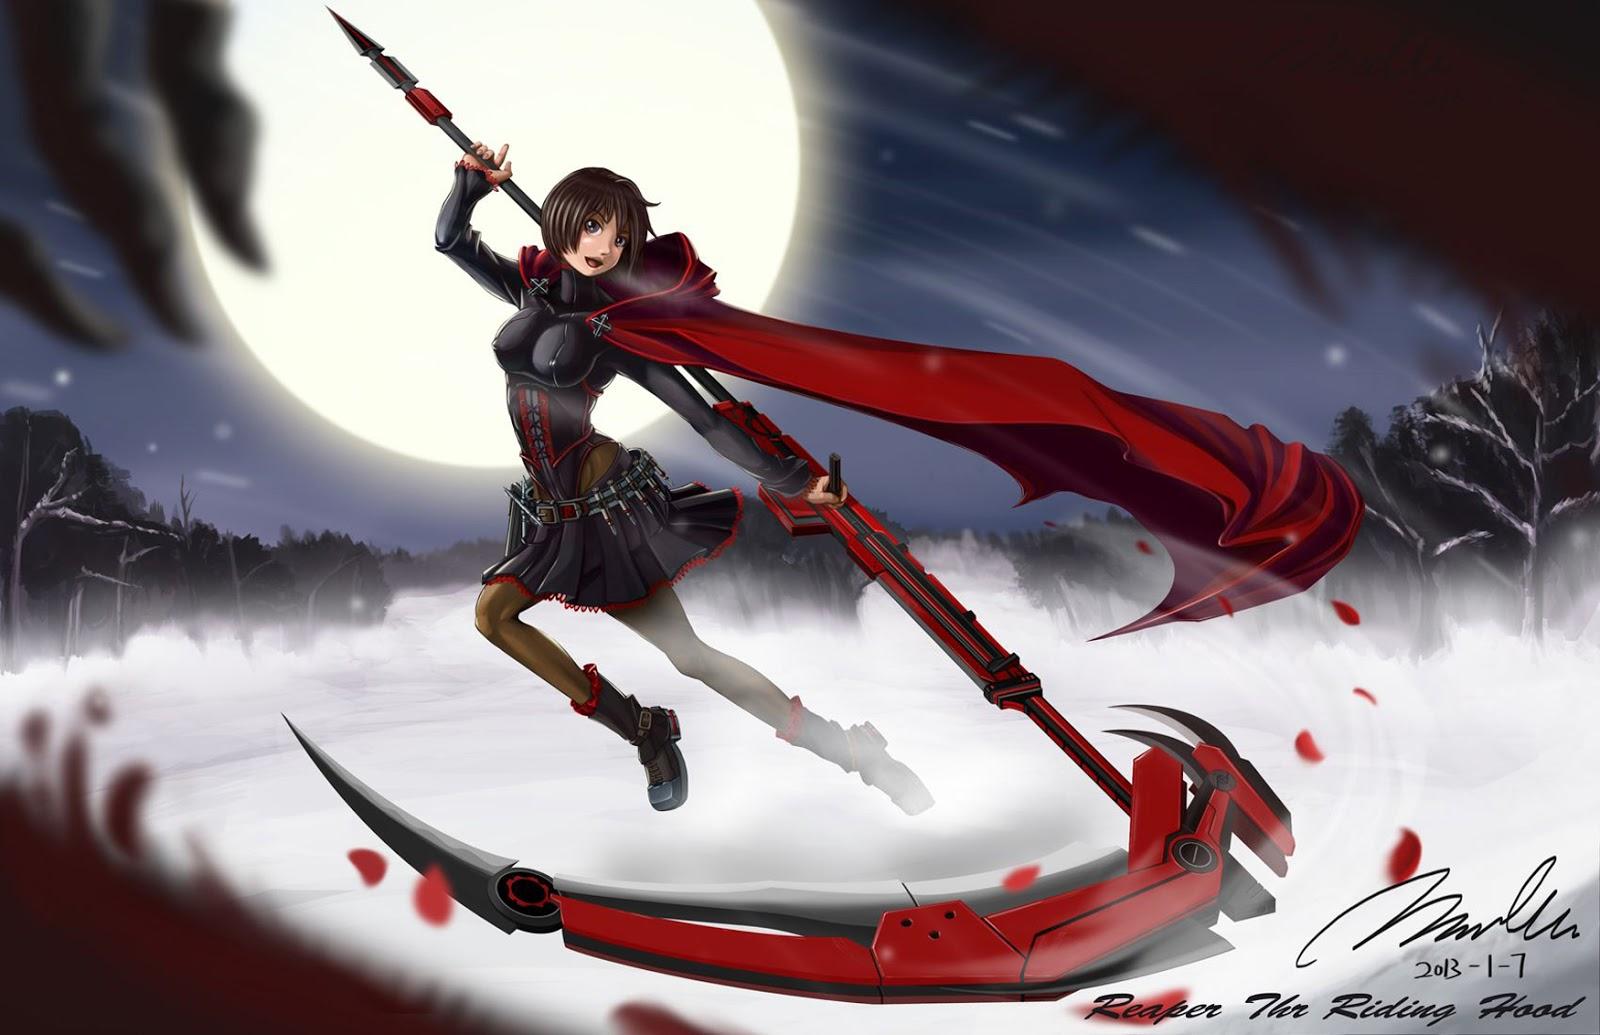 Drawn scythe red  scythe and More Scythe's